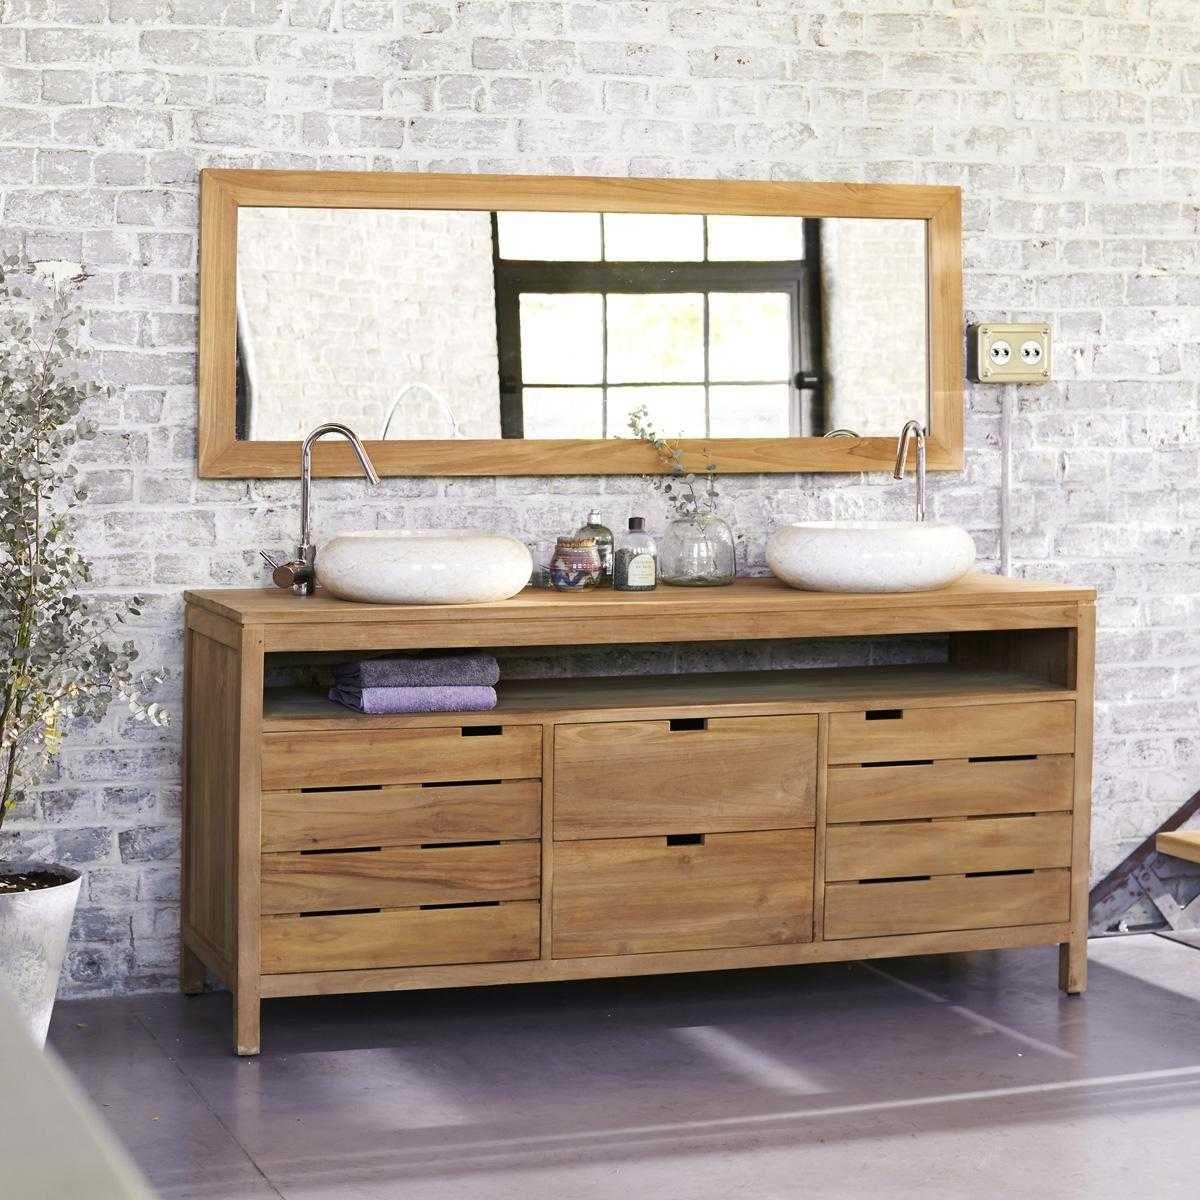 Meubles Salle Bains Ikea Meuble Vasque Inspiration Pour Lavabo Of